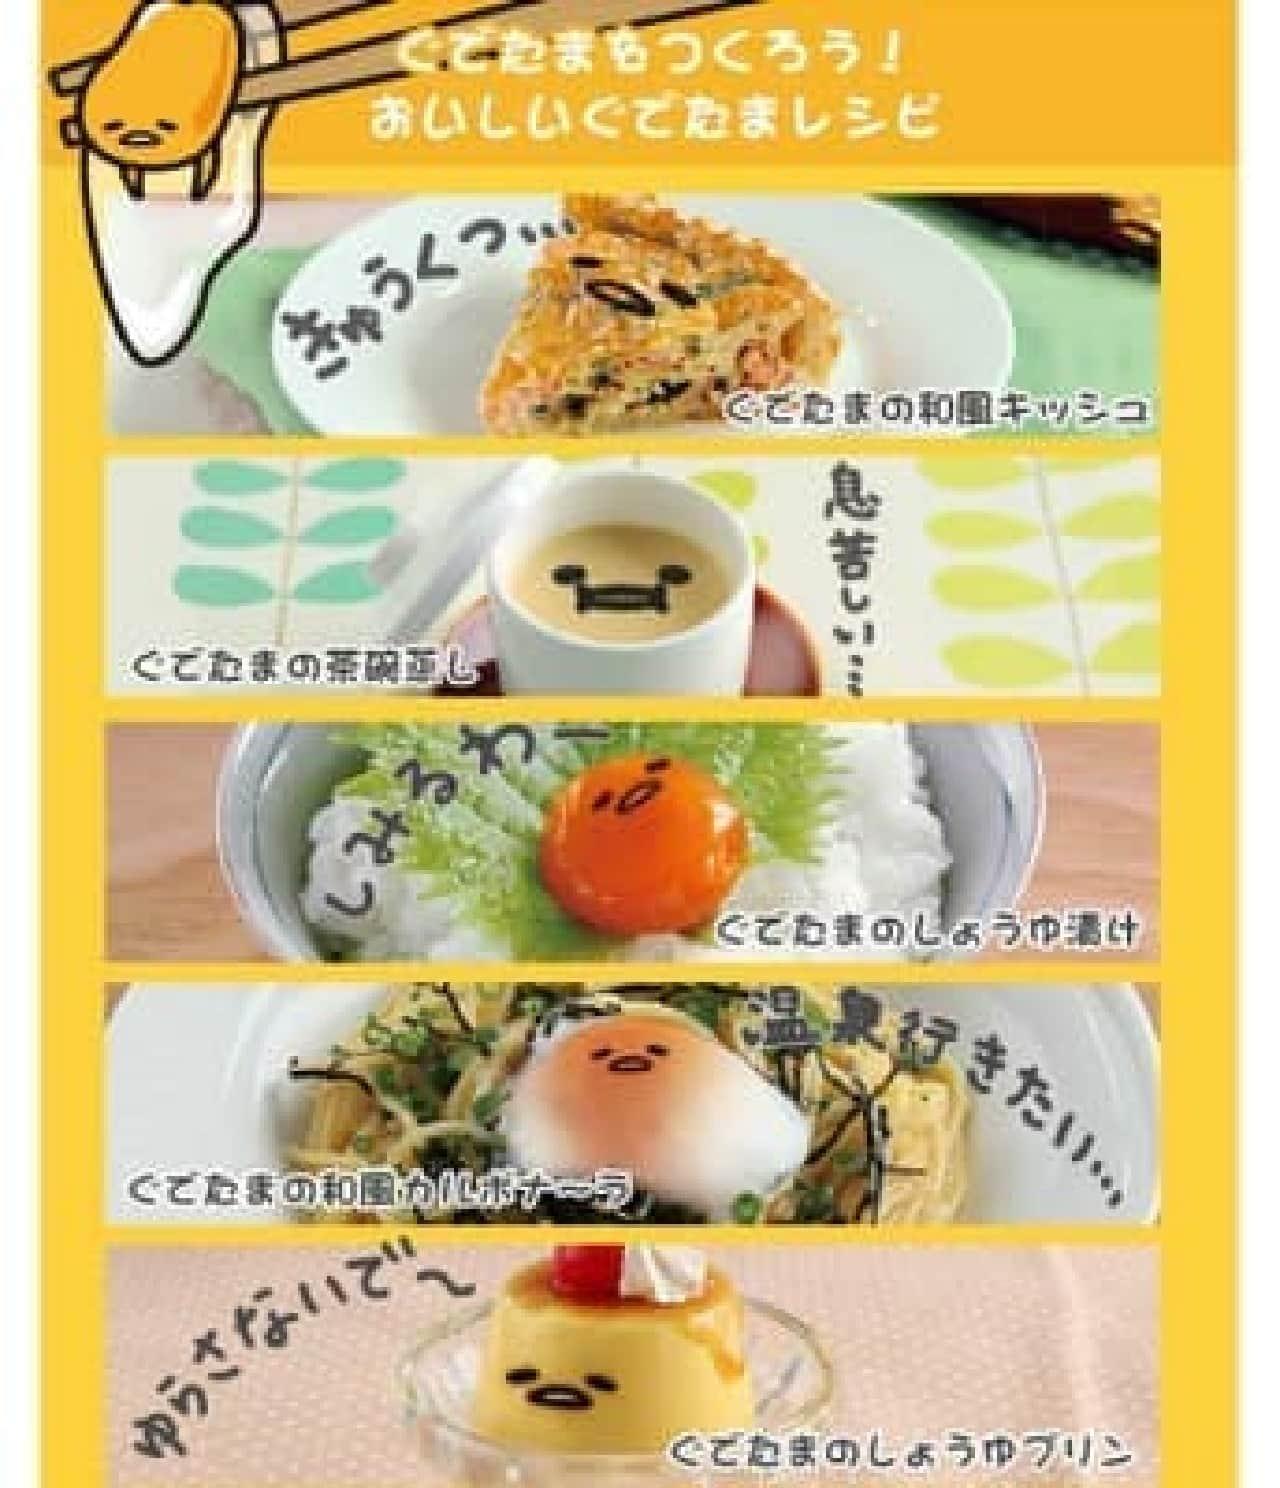 """この商品を使った""""ぐでたまレシピ""""も公開中  (c)2013,2015 SANRIO CO.,LTD APPROVAL NO.S561261"""